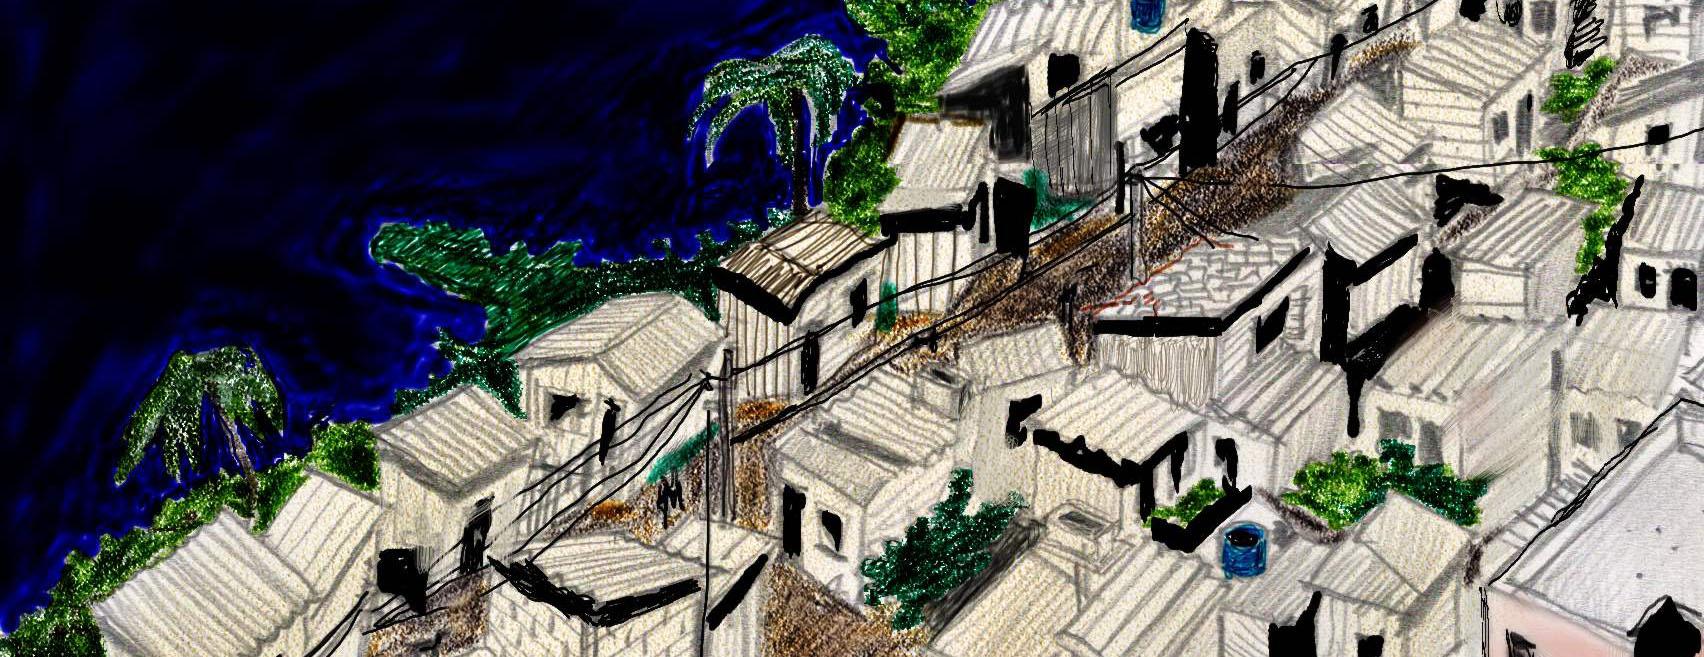 favelacorte.jpg